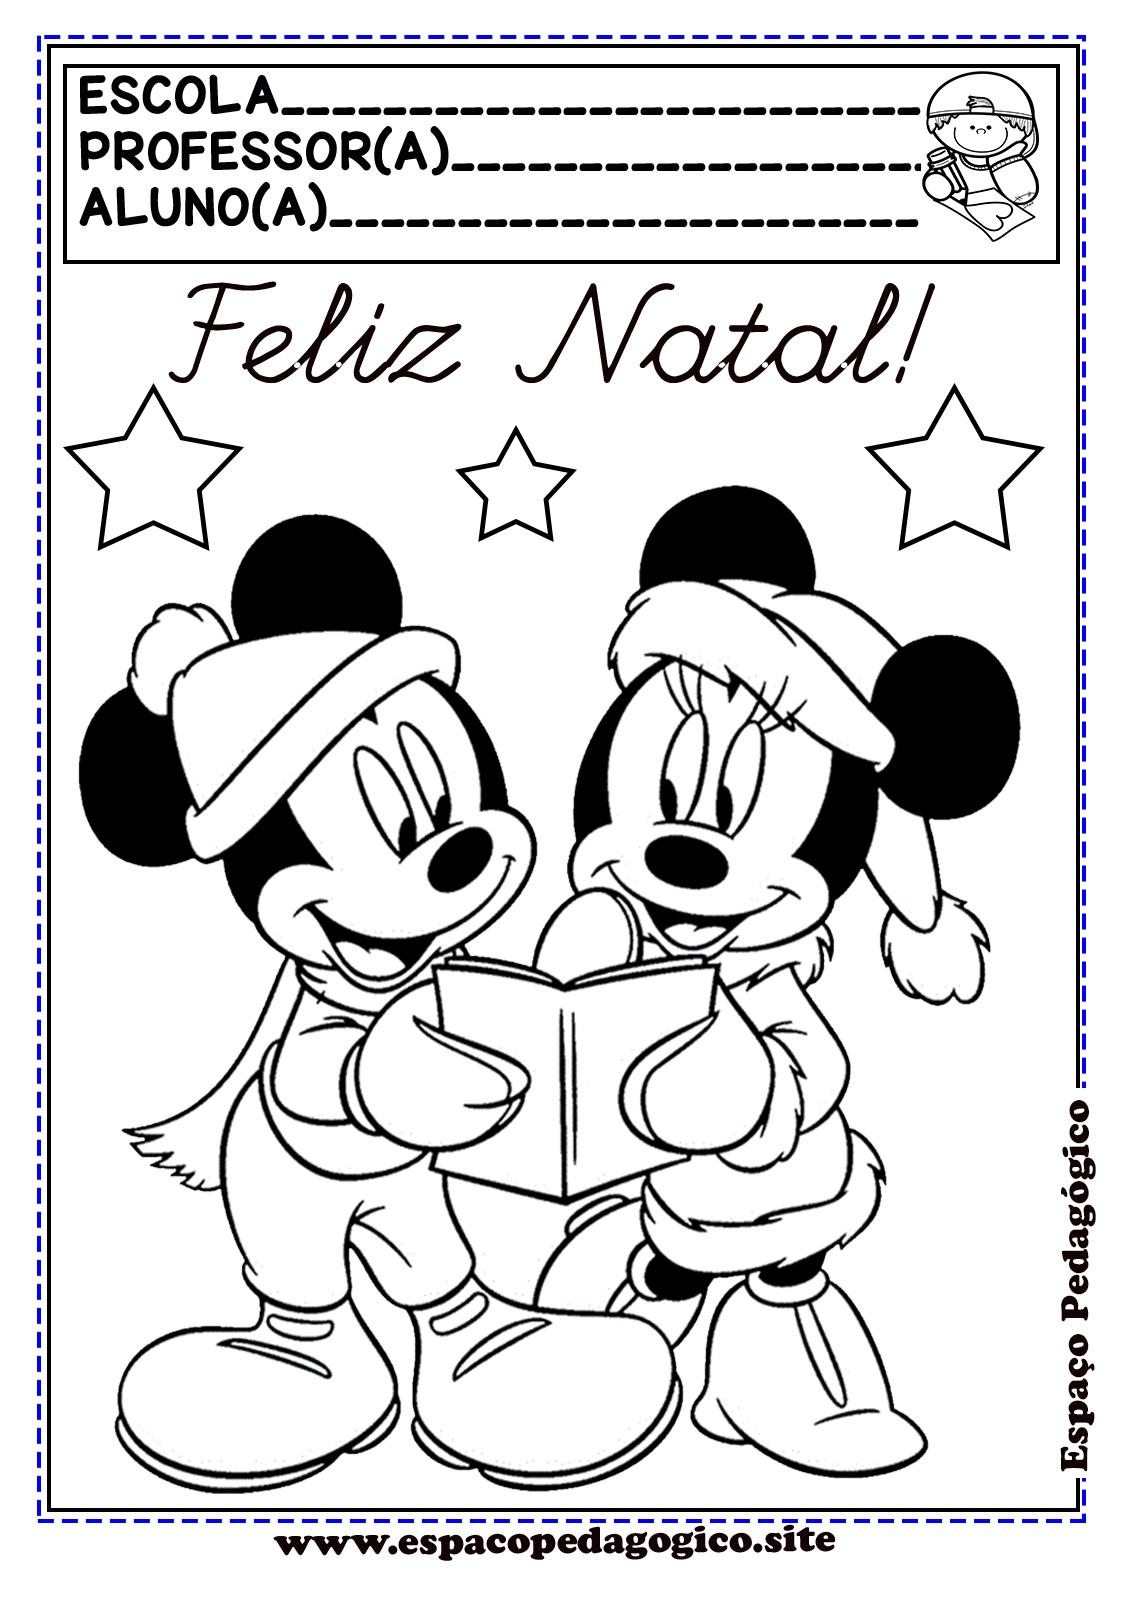 Capas De Prova Ou Portfolio Com O Tema Mickey E Minnie Disney No